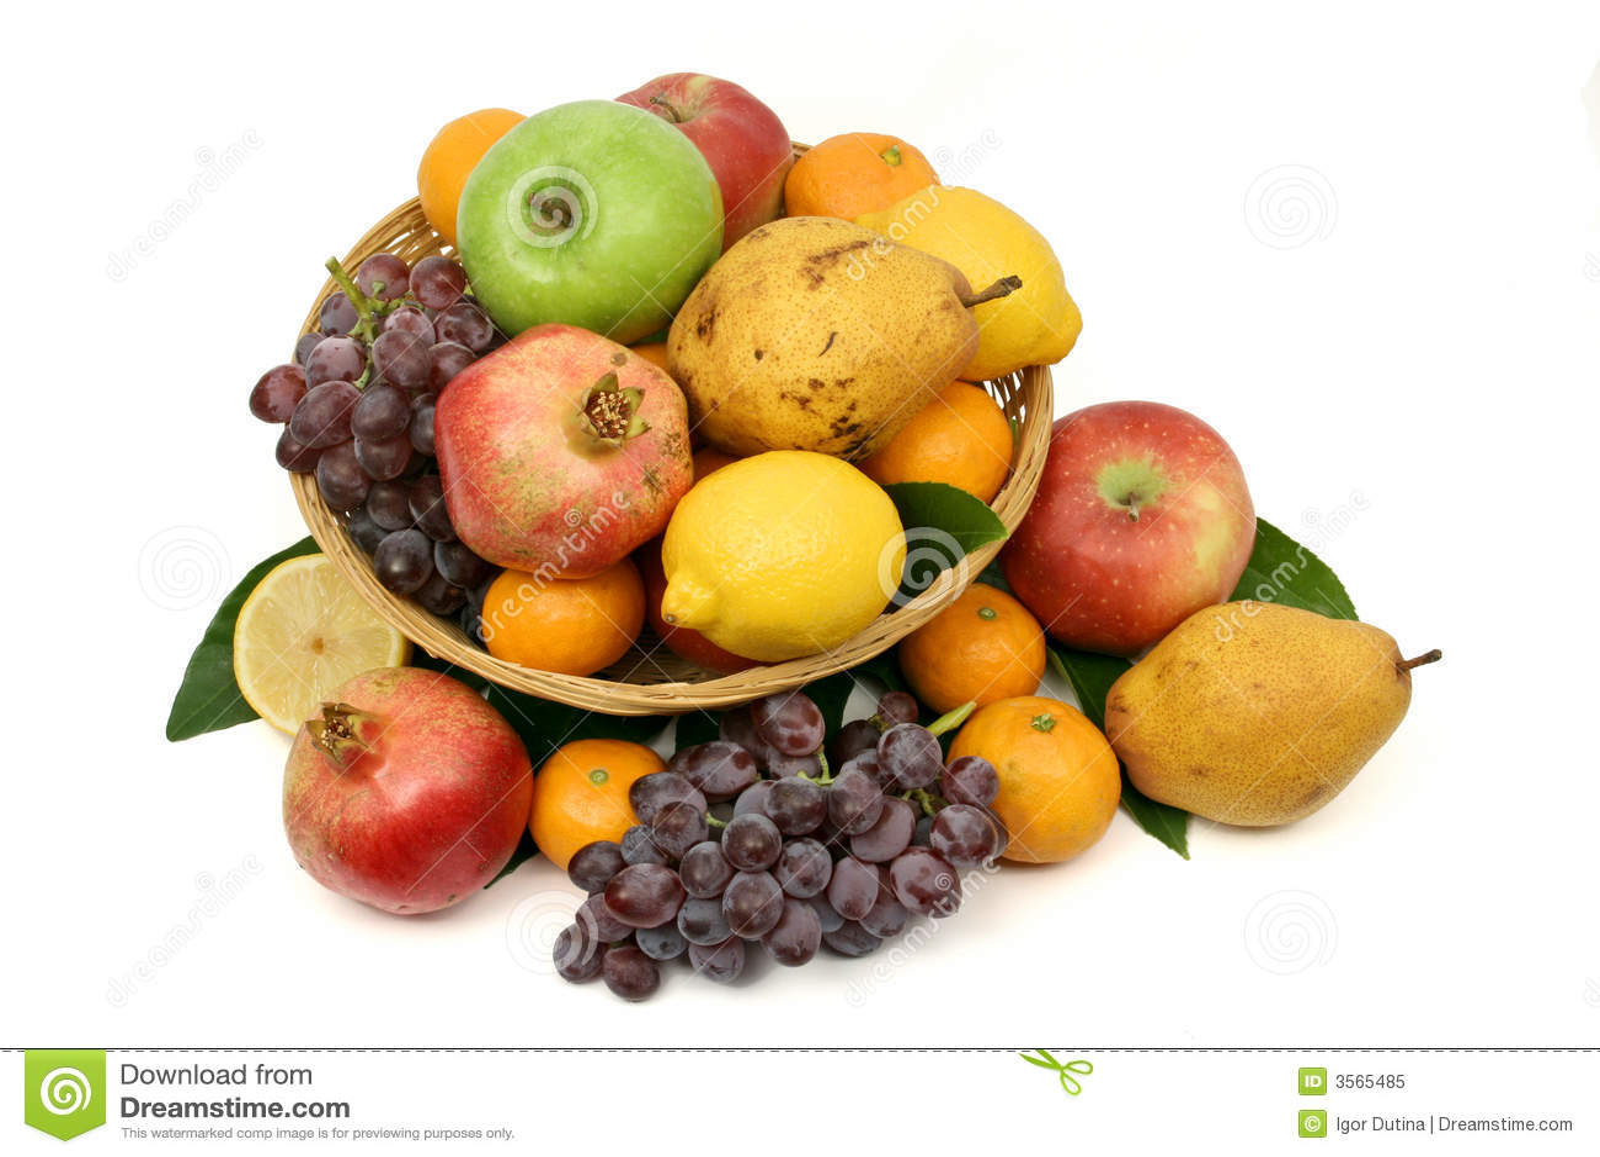 Fresh Fruit Basket Royalty Free Stock Photo Image 3565485